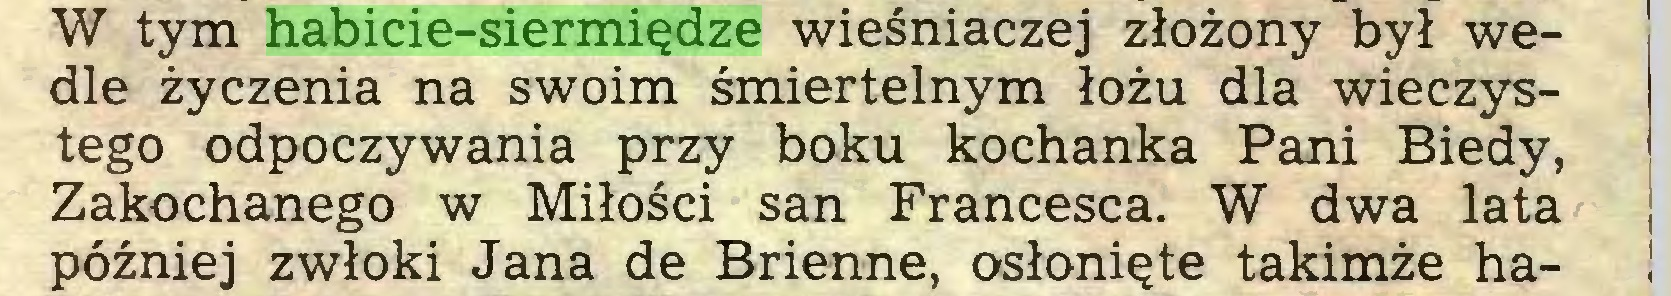 (...) W tym habicie-siermiędze wieśniaczej złożony był wedle życzenia na swoim śmiertelnym łożu dla wieczystego odpoczywania przy boku kochanka Pani Biedy, Zakochanego w Miłości san Francesca. W dwa lata ; później zwłoki Jana de Brienne, osłonięte takimże ha- !...